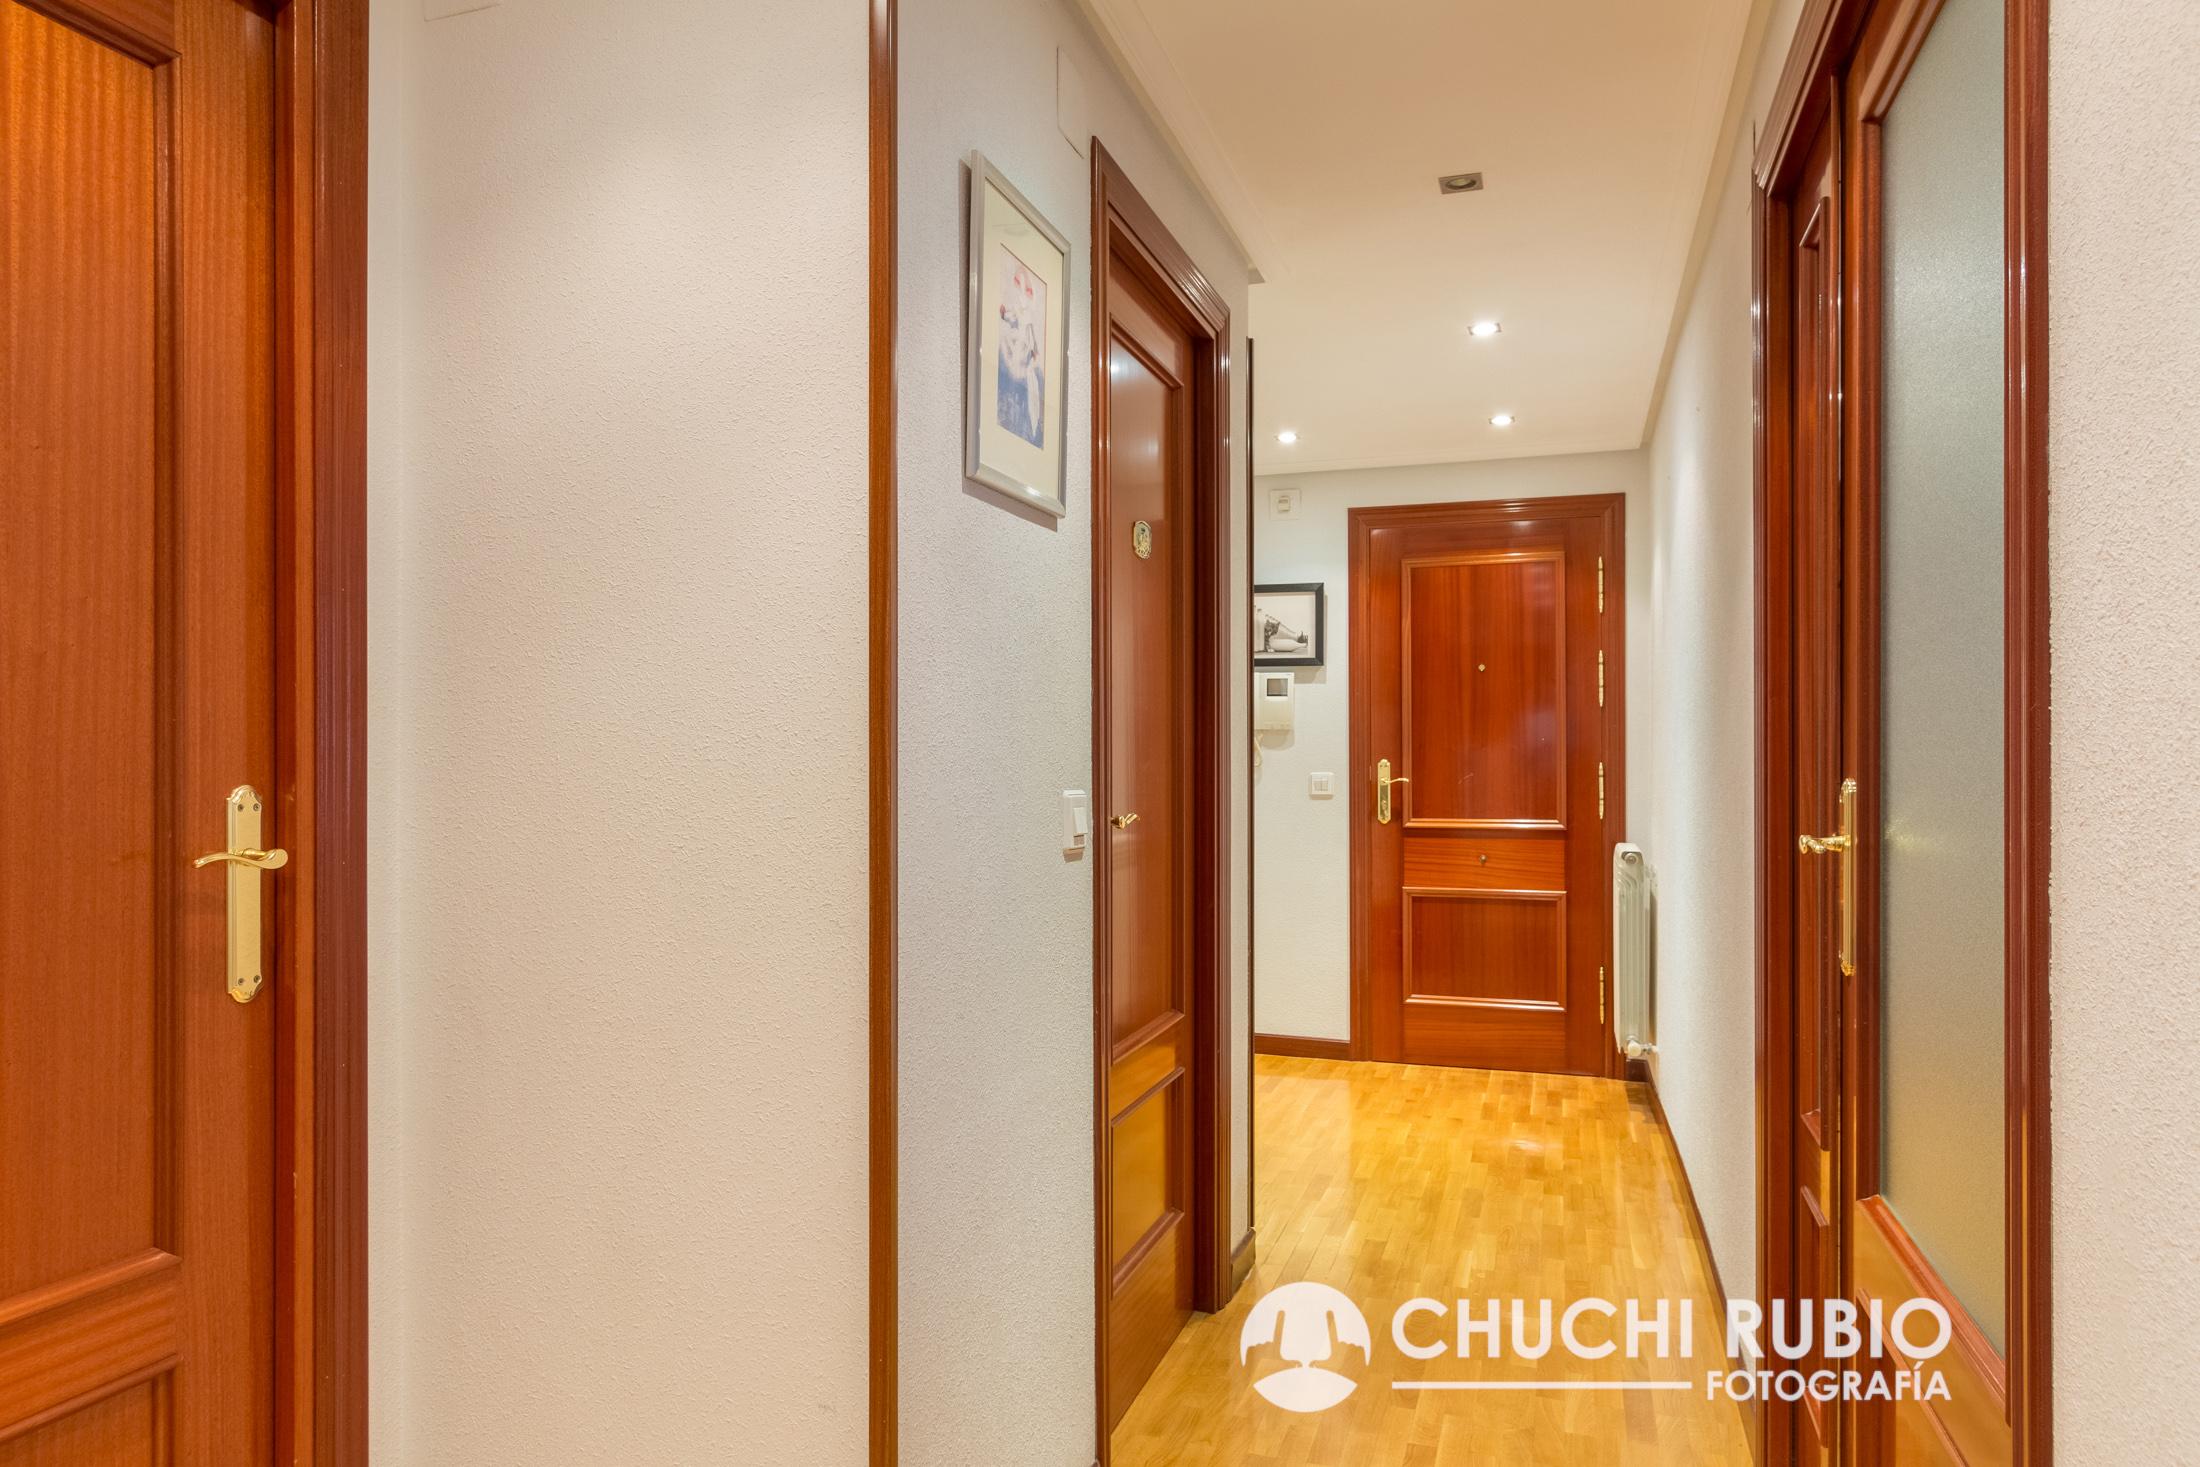 IMG 1061 HDR - Fotografía para Inmobiliarias, venta de pisos, locales...